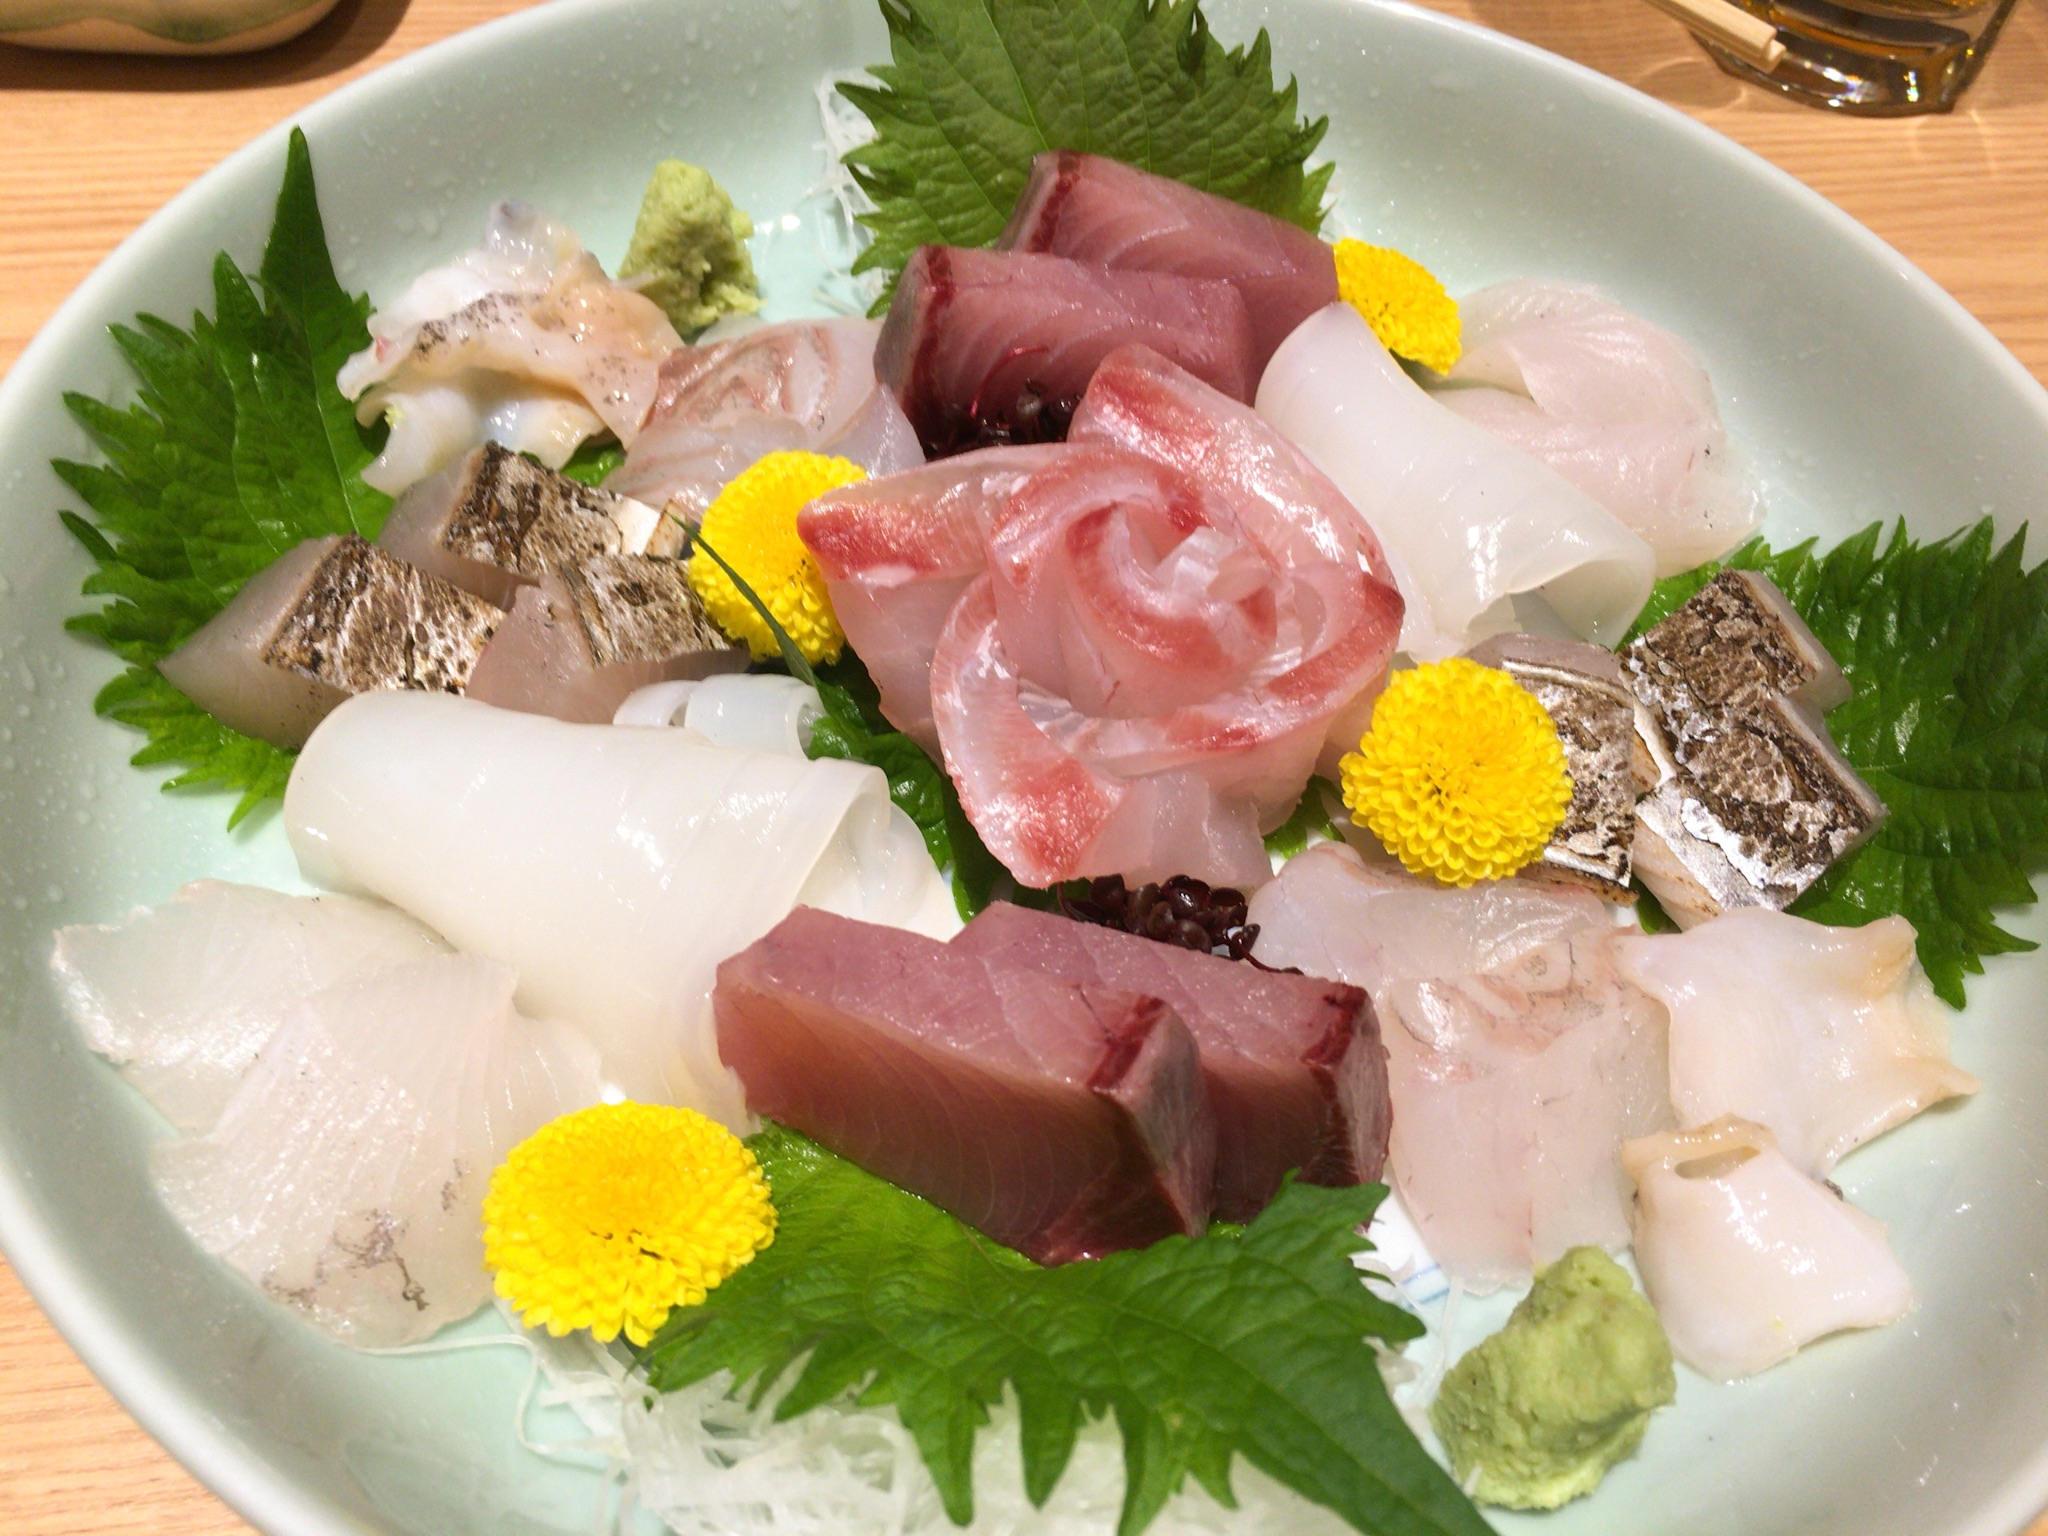 金沢駅西口、石川漁協の居酒屋さん『旬魚亭』さんについに潜入なのですっ!